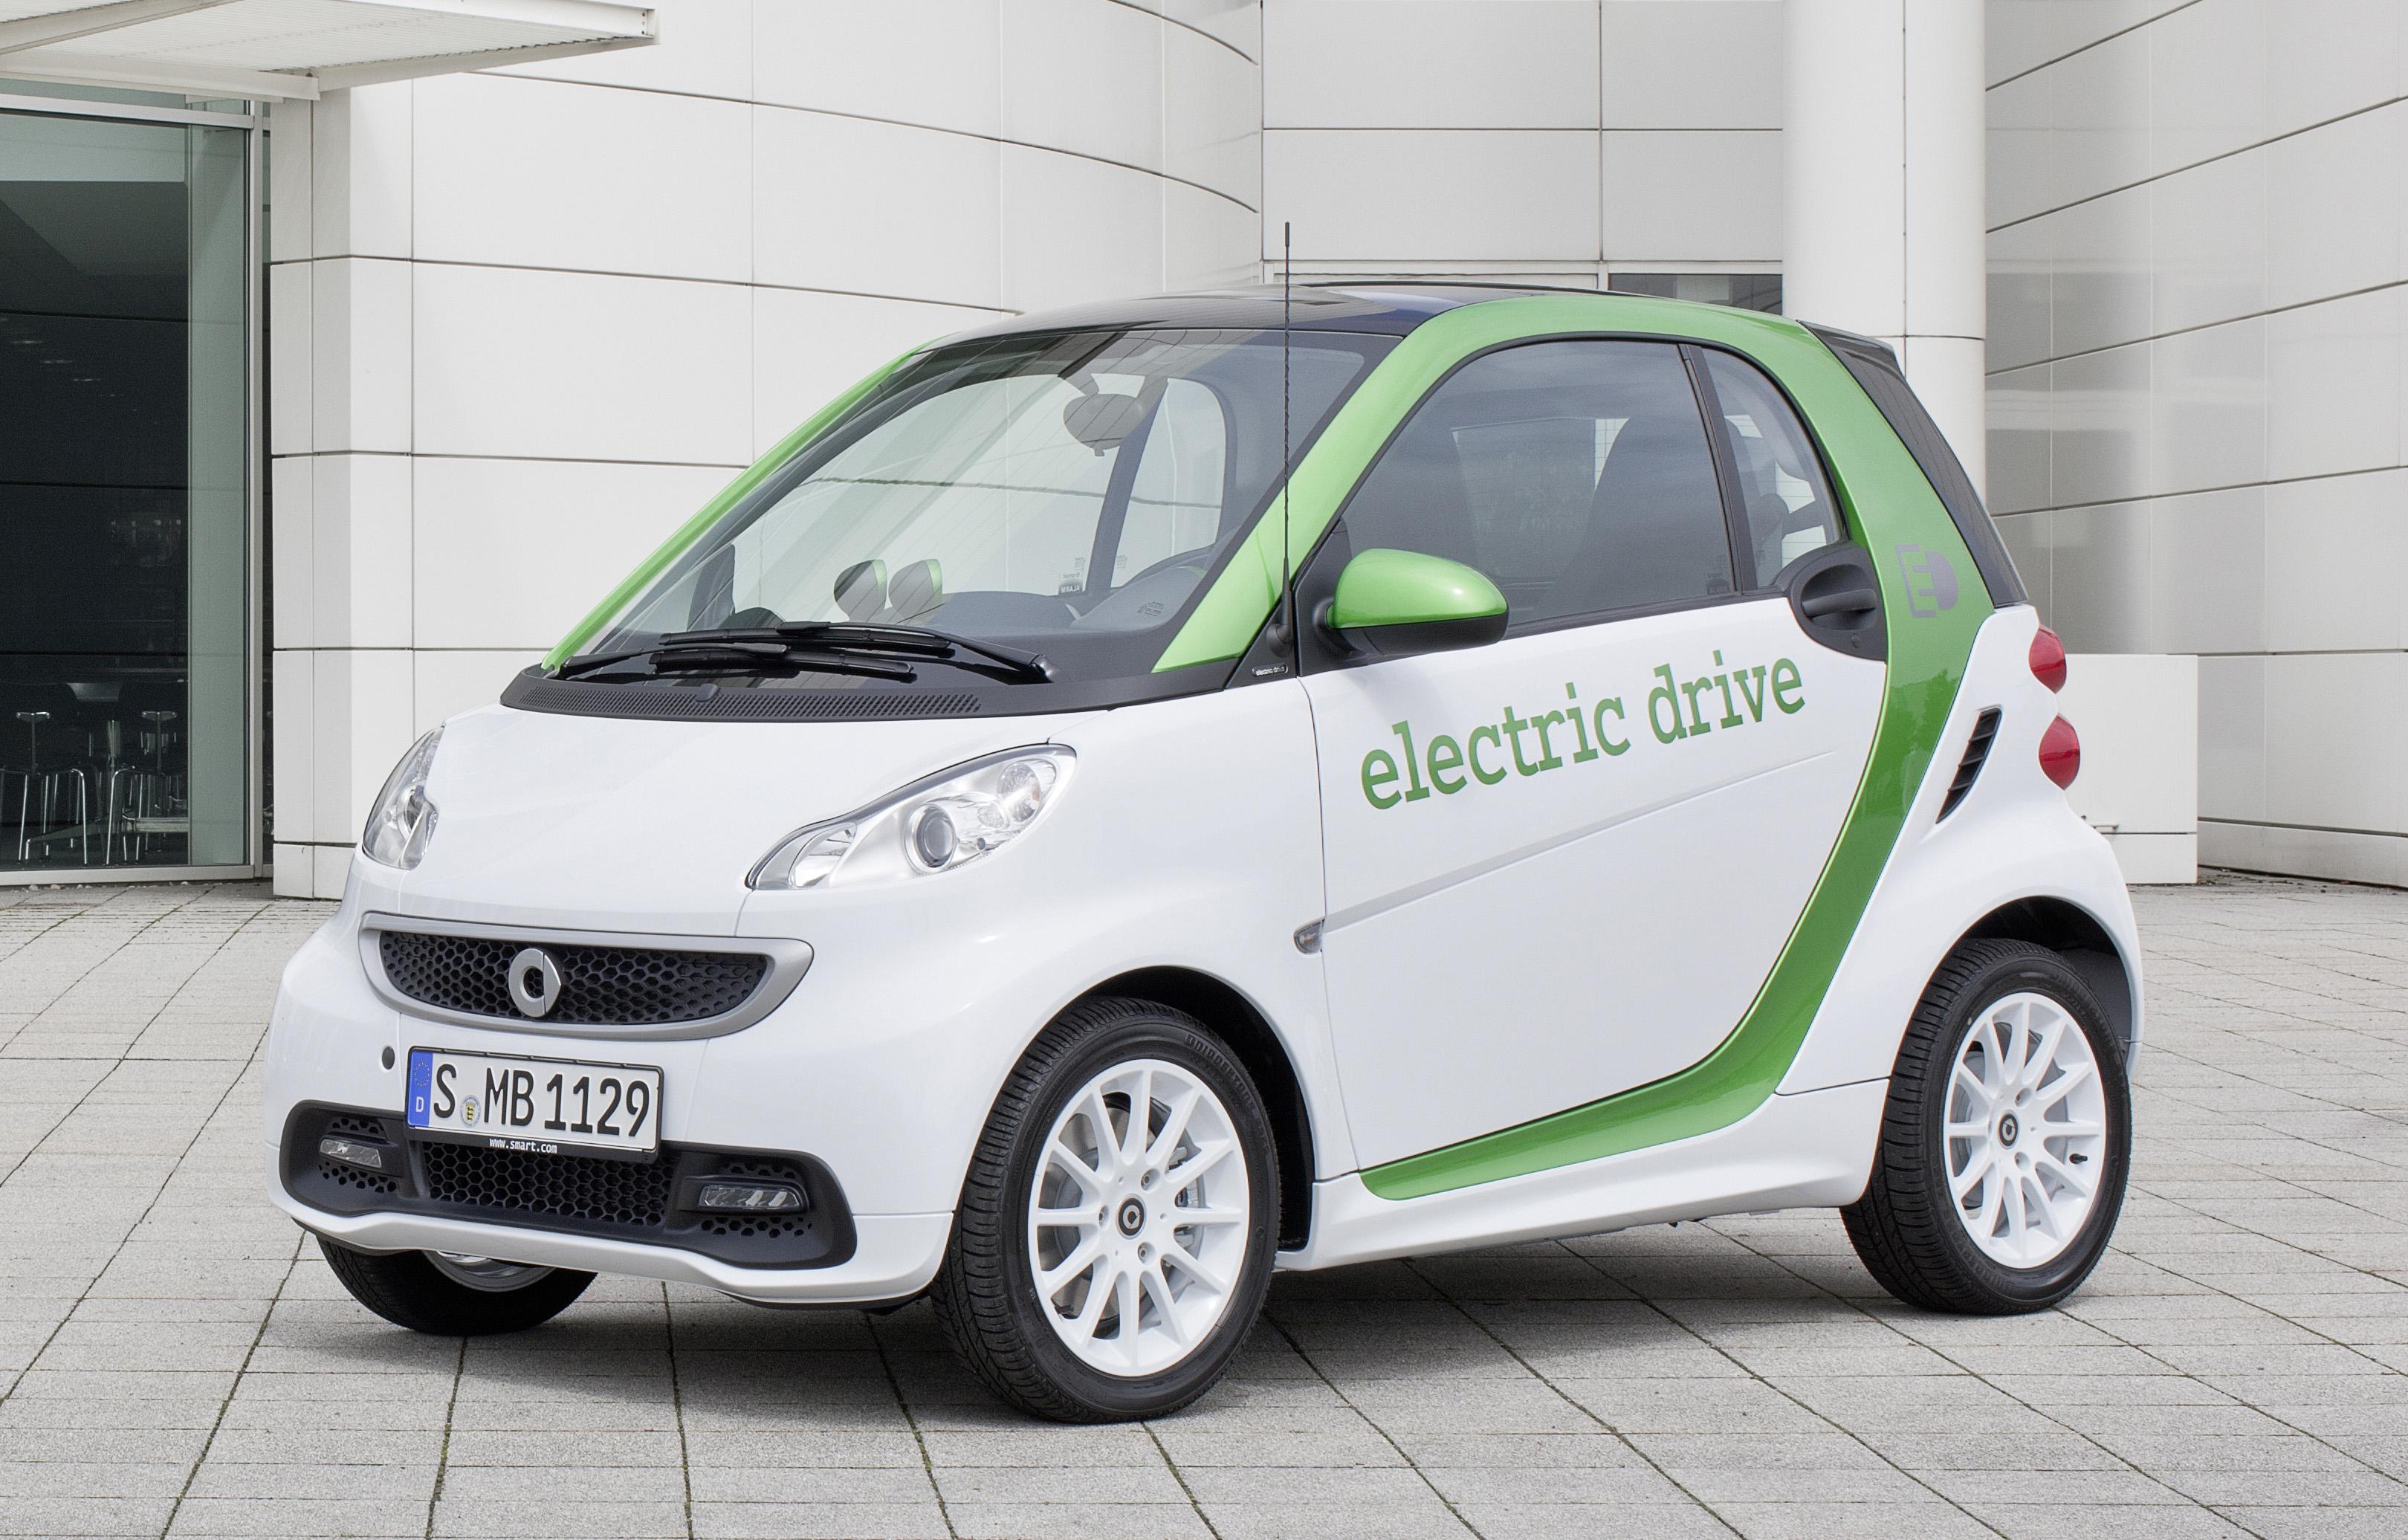 el nuevo smart el ctrico llegar en 2012 con 140 kil metros de autonom a coche el ctrico. Black Bedroom Furniture Sets. Home Design Ideas